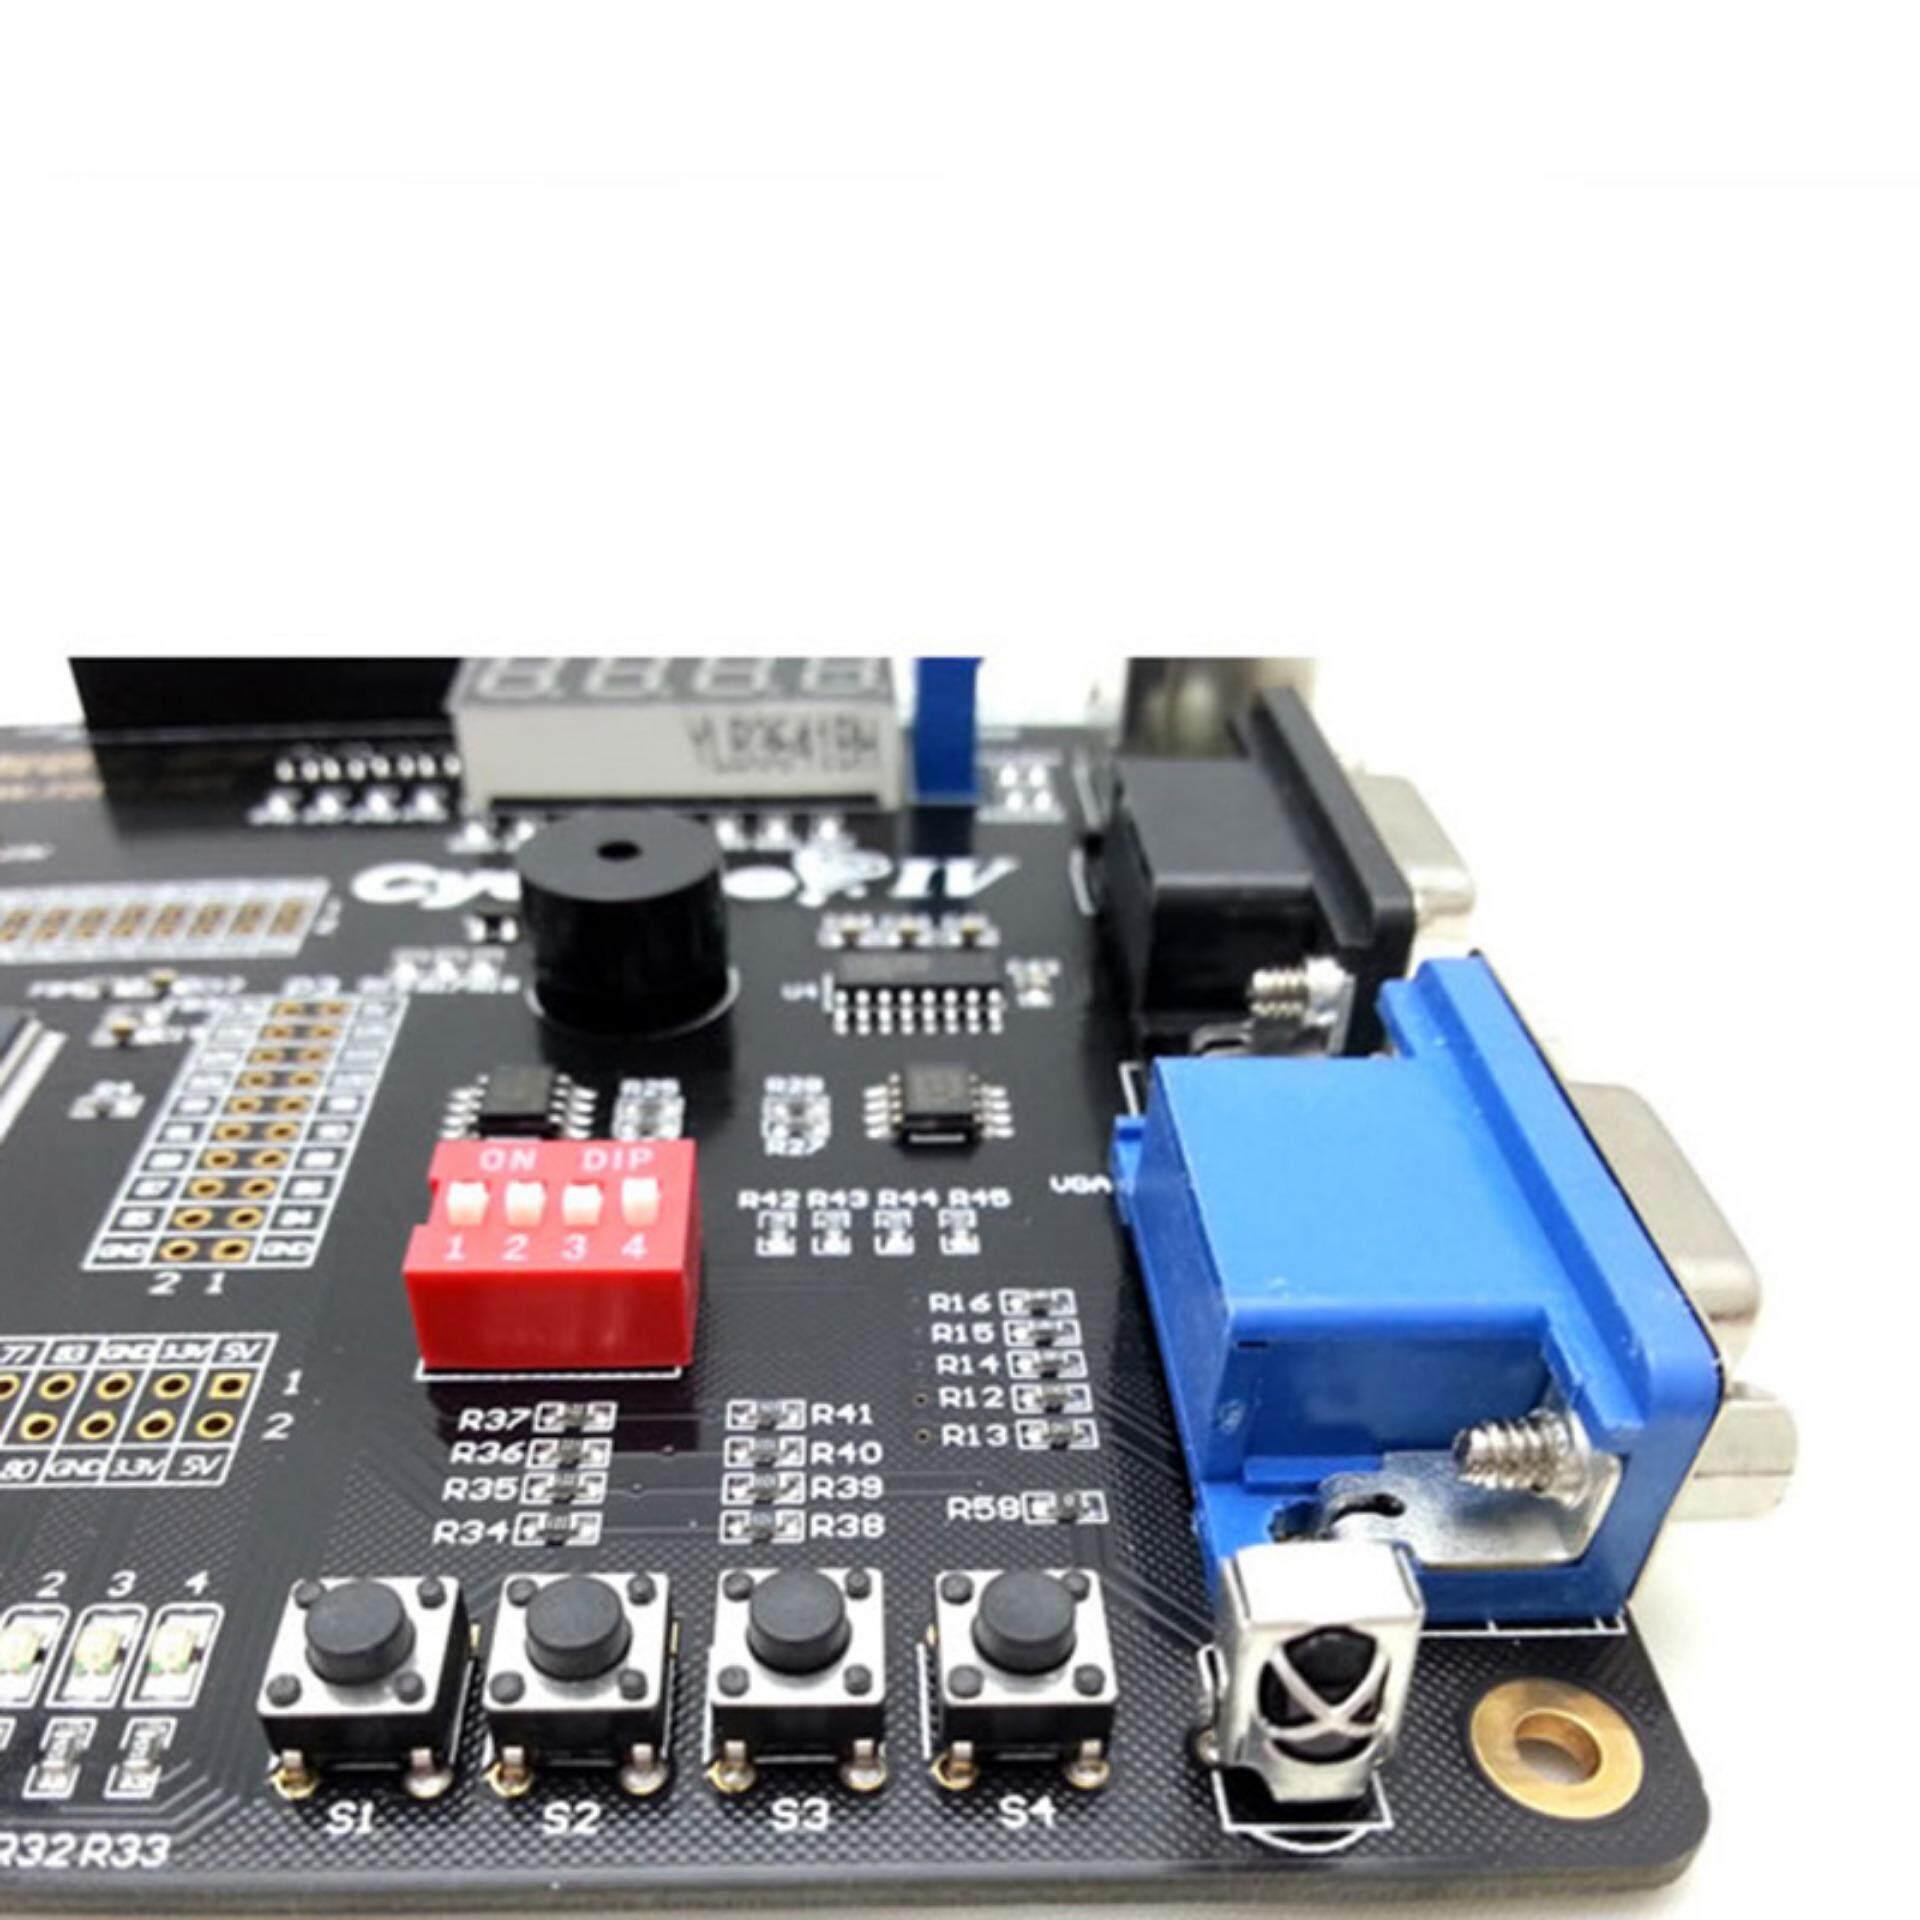 Altera Cyclone IV EP4CE FPGA Development Board Core Board+Infrared Remote  Controller+Downloader